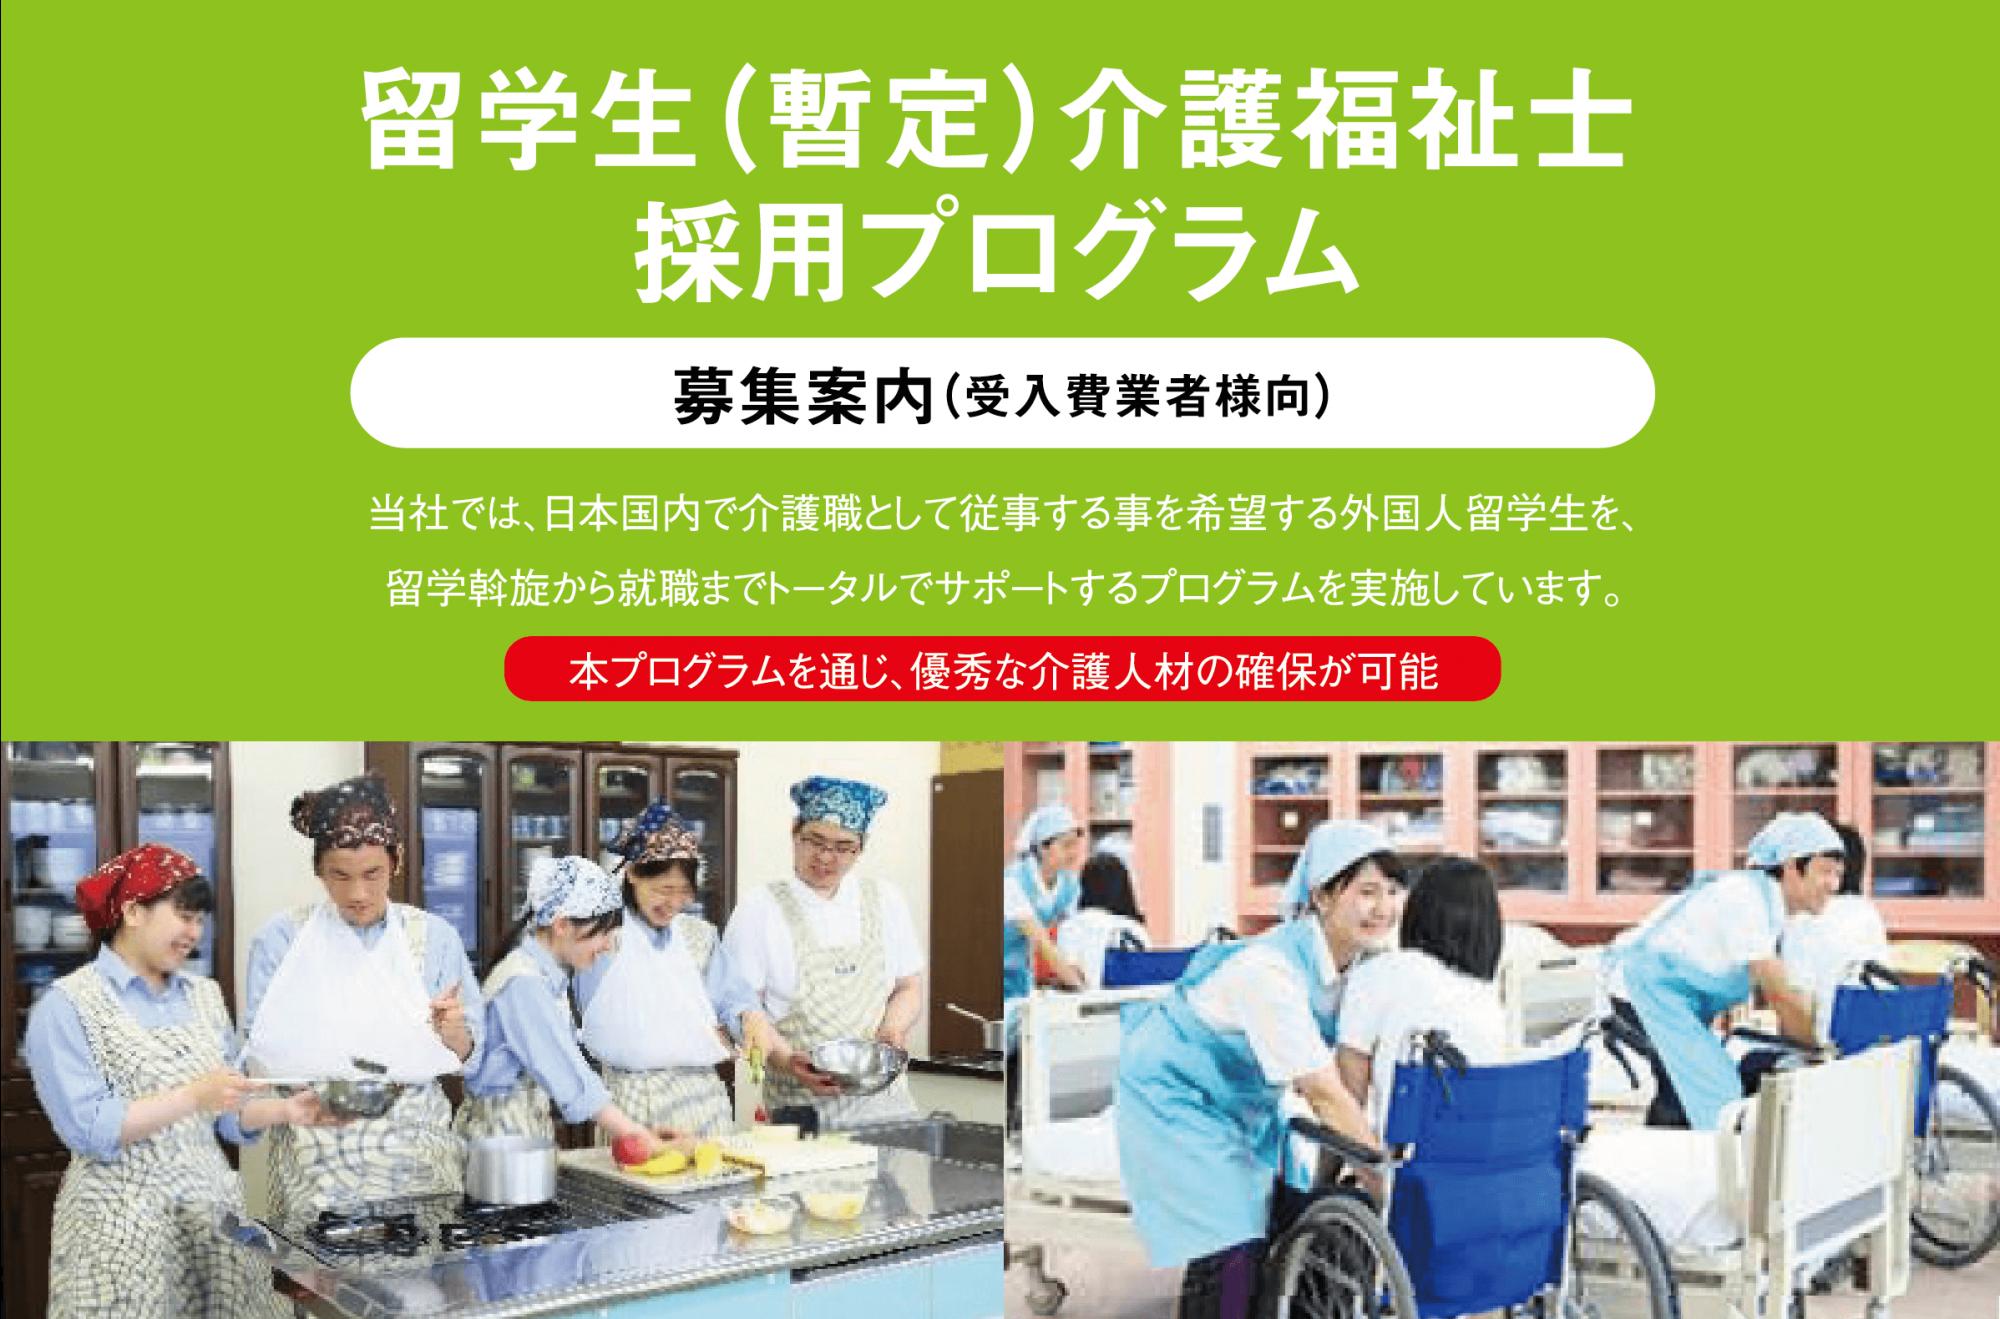 ryugaku_title